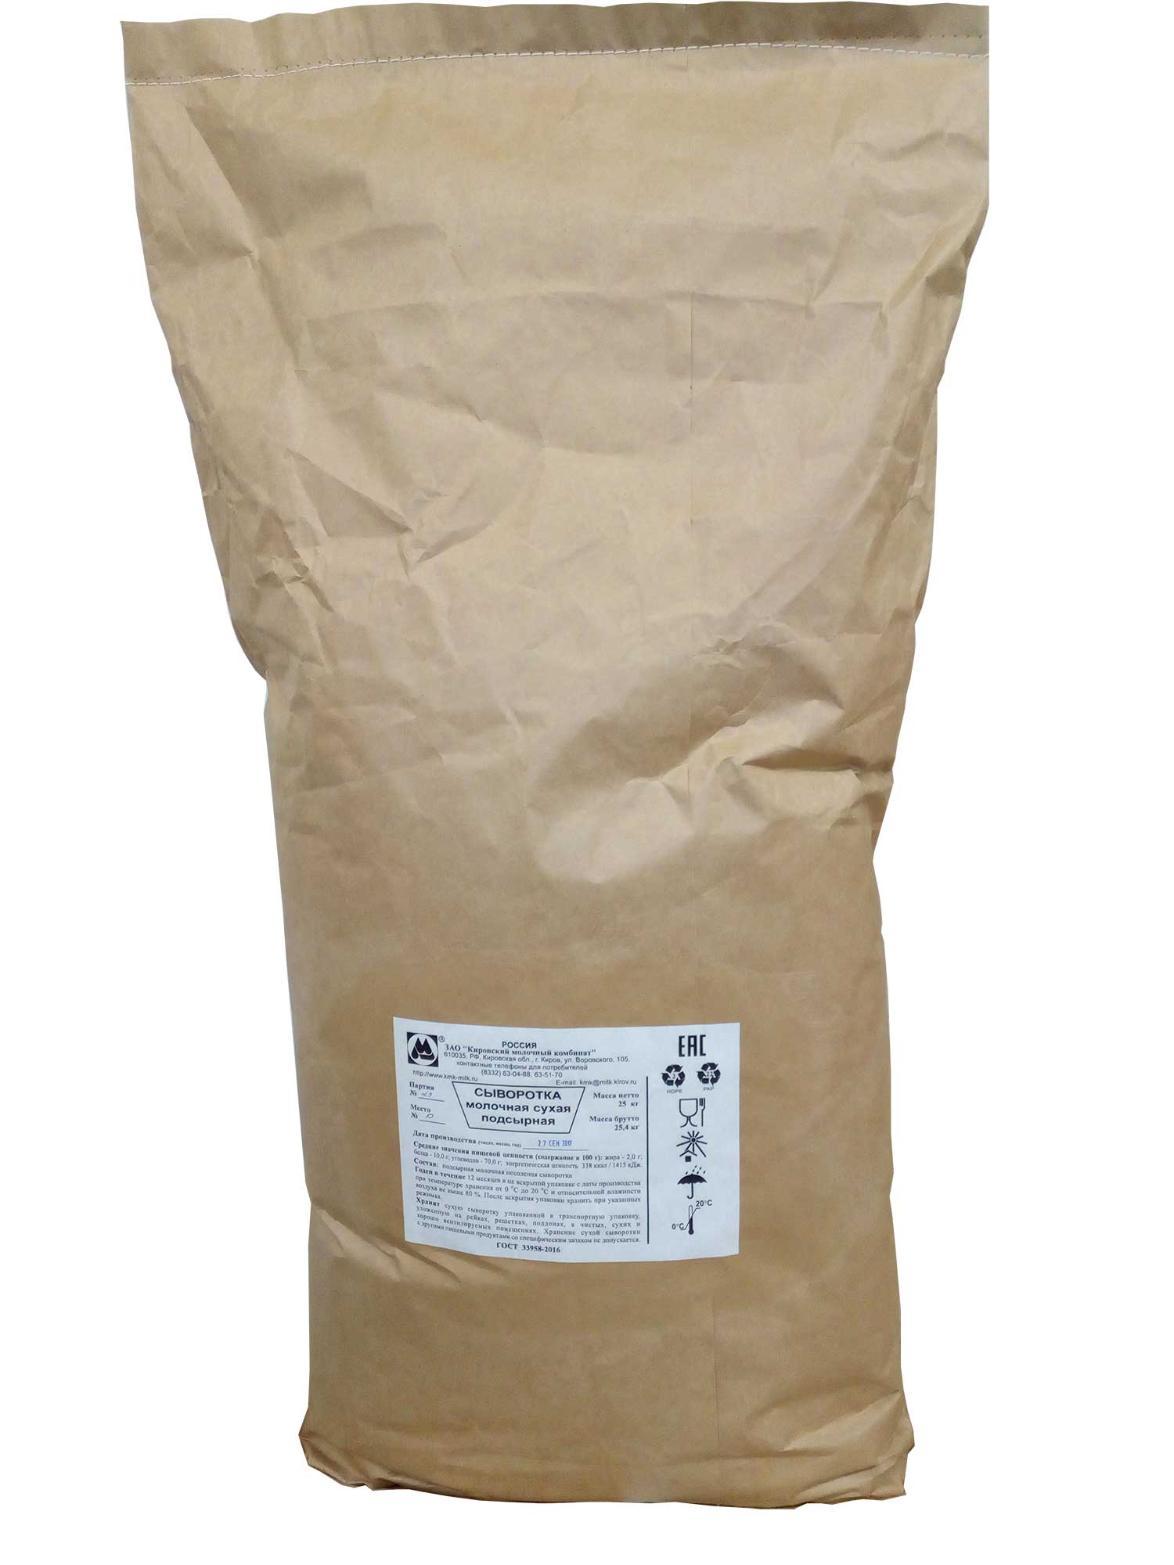 Сухая молочная продукция и сырье для производства - сухое молоко, сыворотка сухая деминерализованная, концентрат, пермеат   «милком»